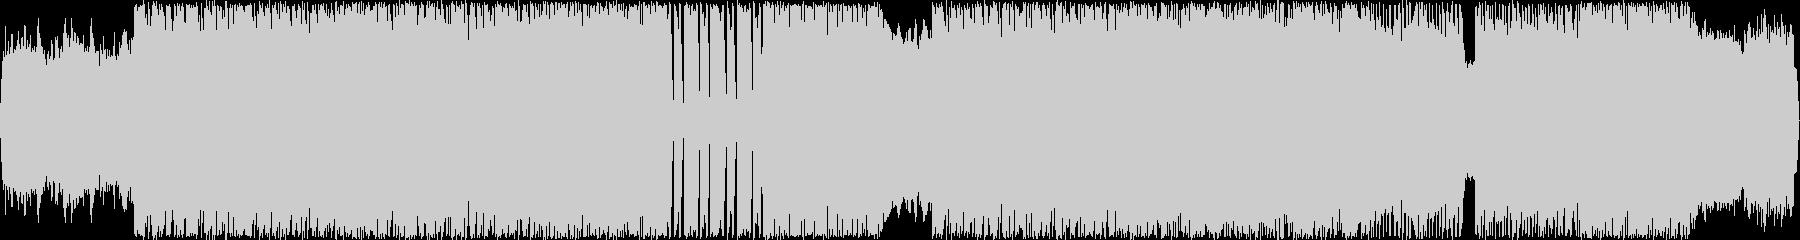 シンセ入りハード系ロック曲の未再生の波形